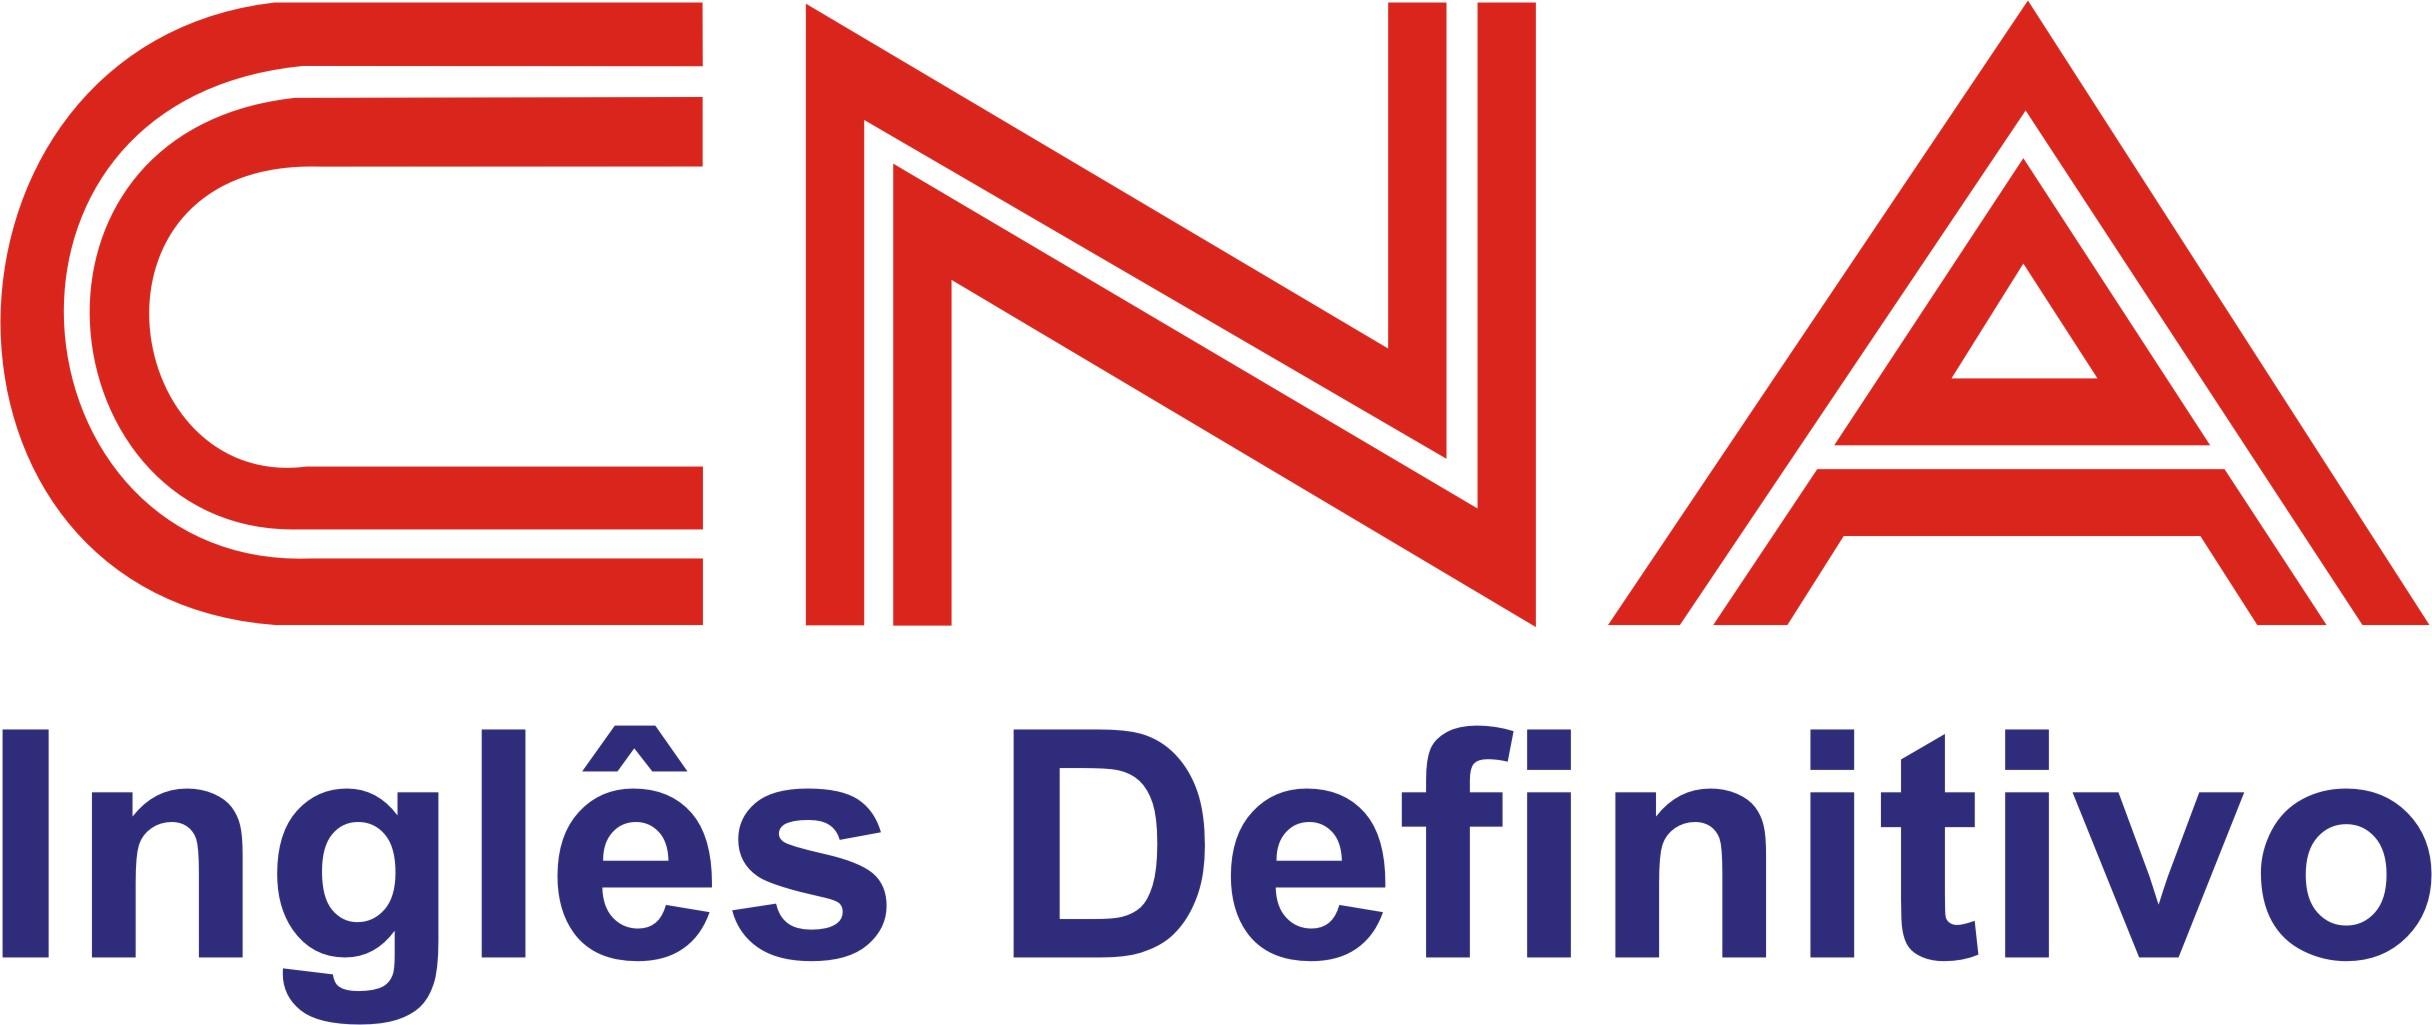 CNA-Logo1